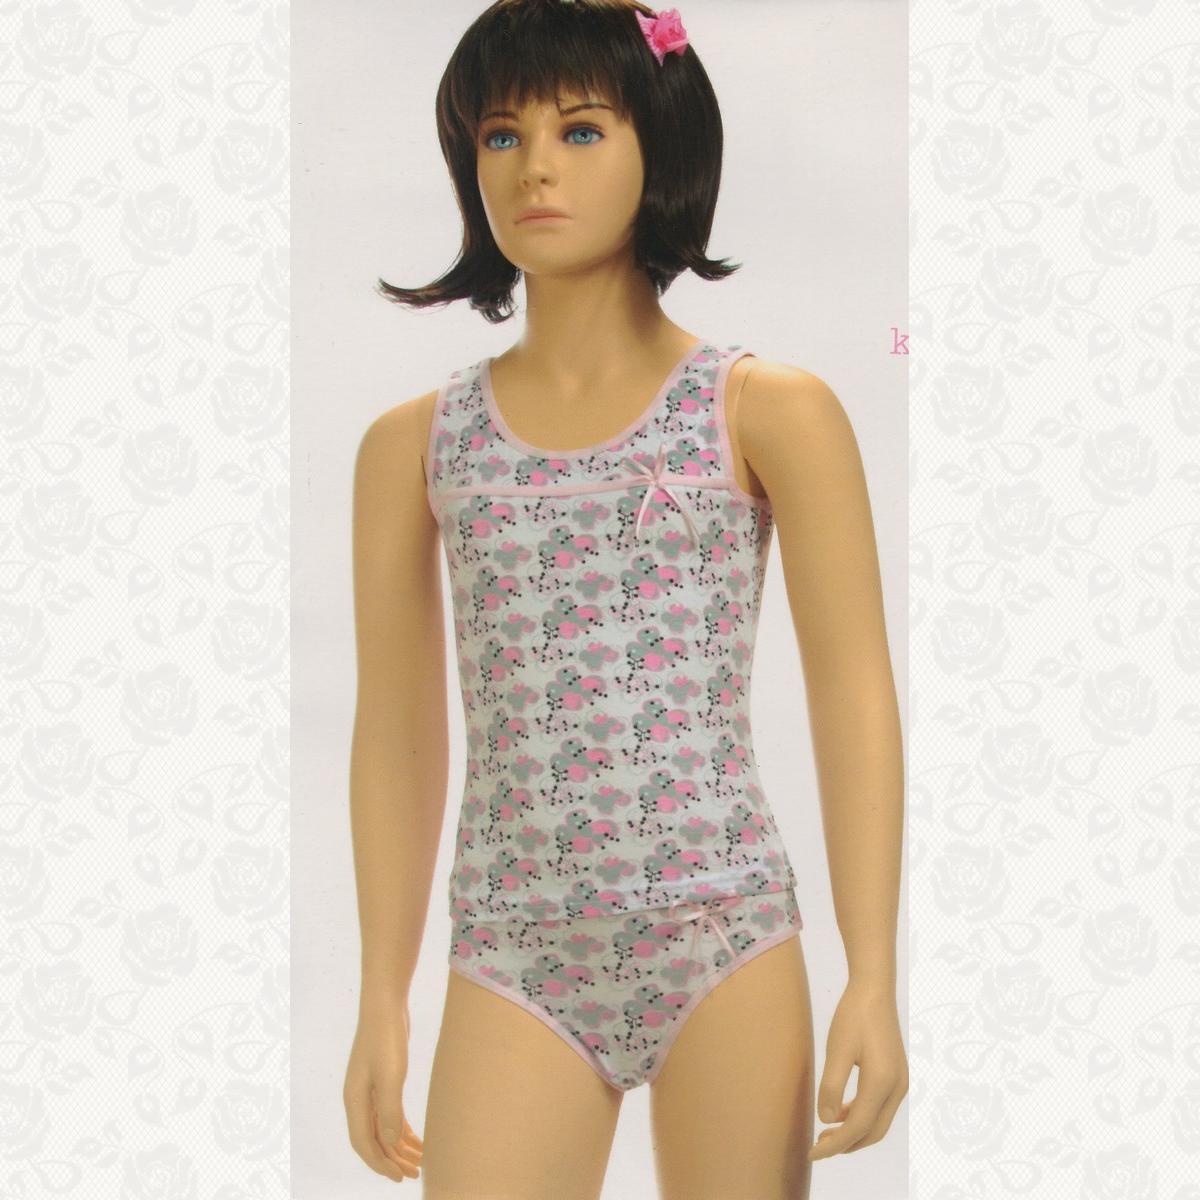 Комплект для девочки, цвет розовый с фото, 6 шт.